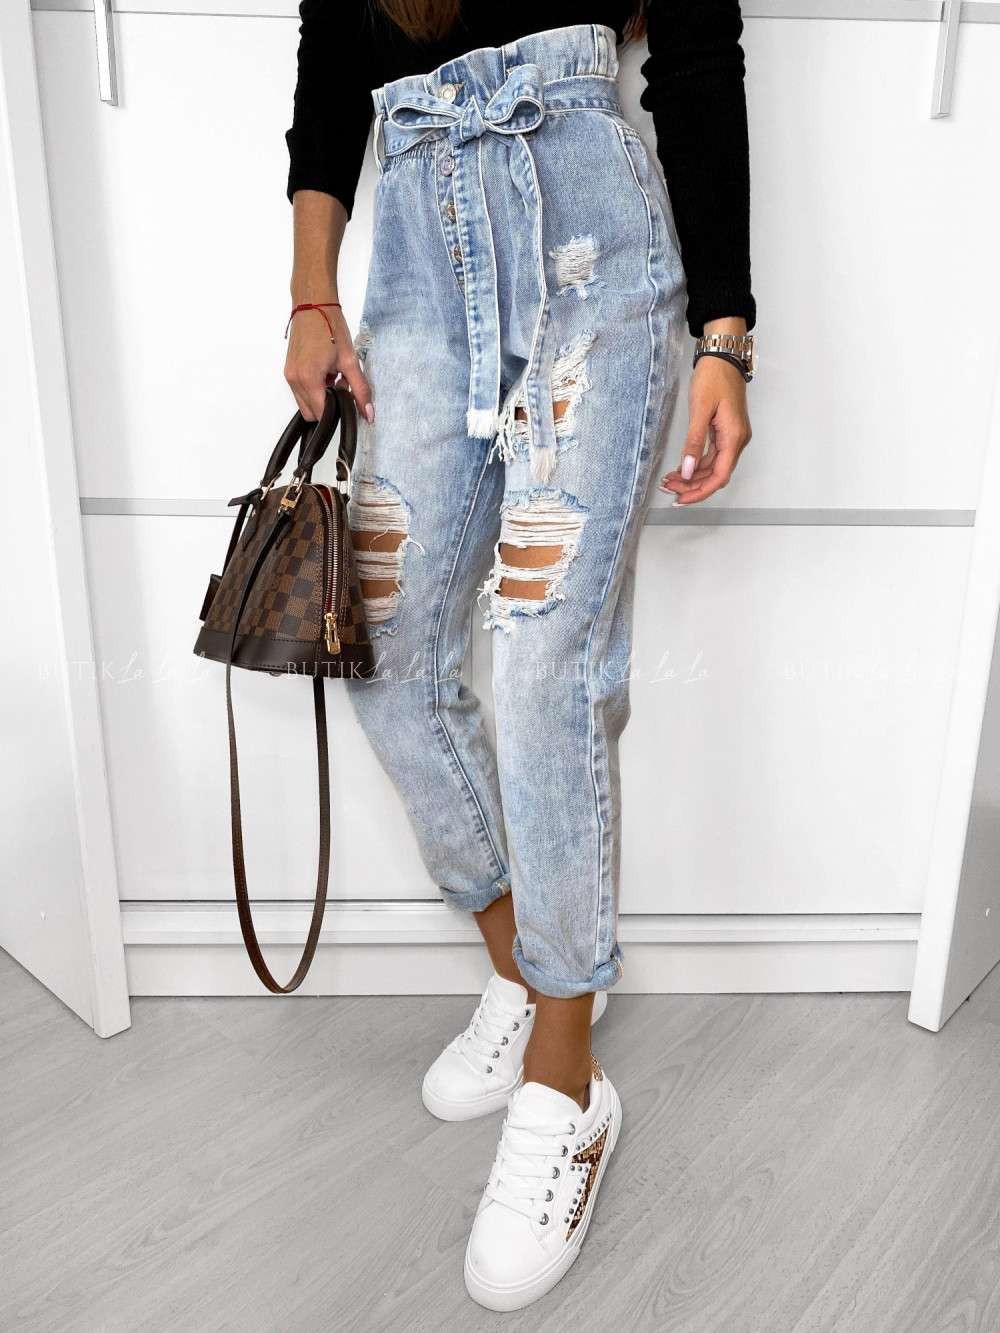 jasne jeansy zdziurami